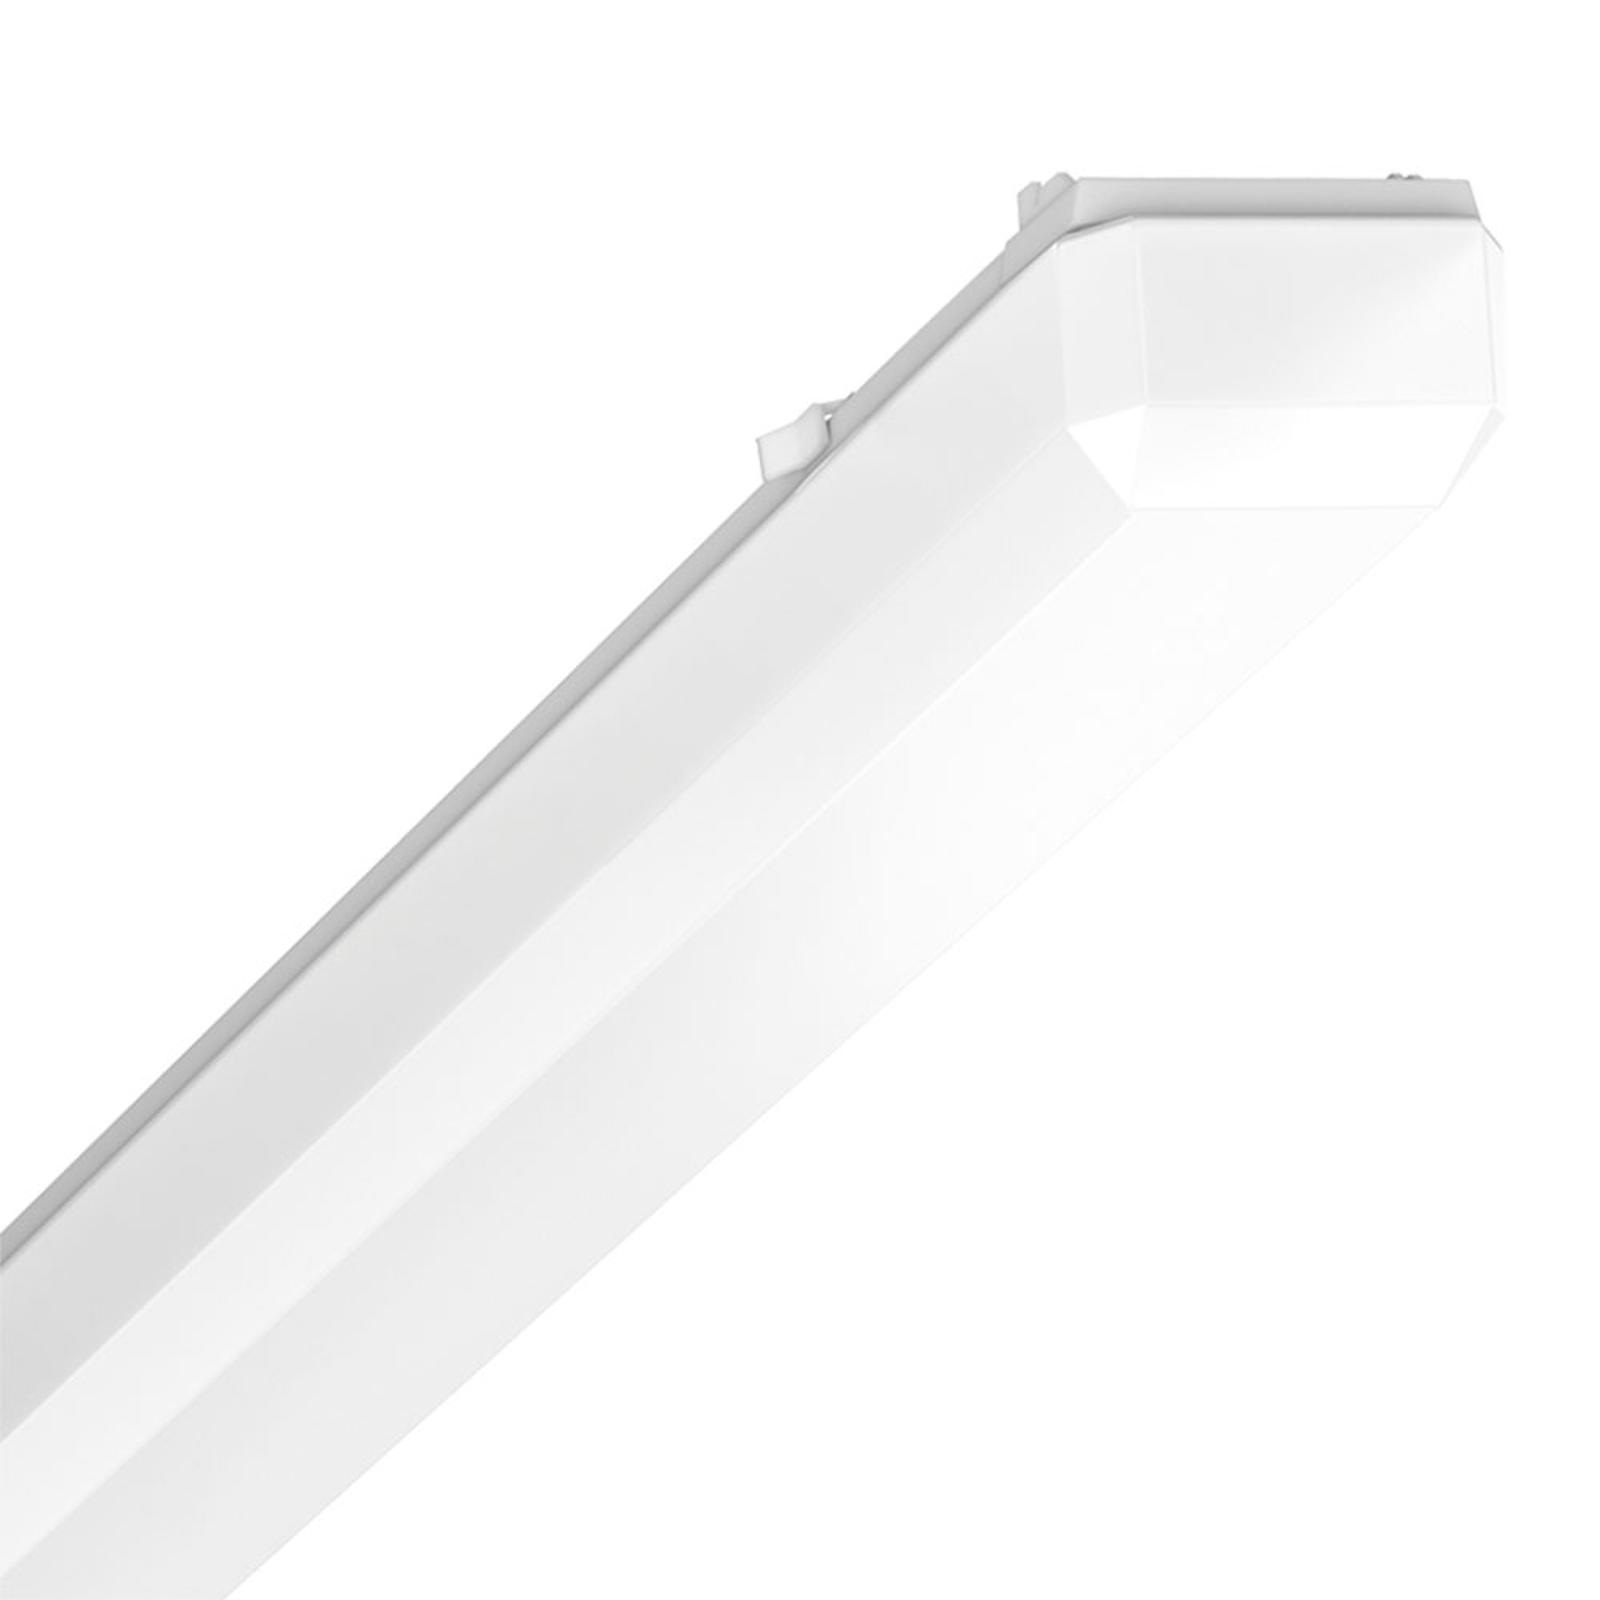 Lampa korytkowa KLKF/1500 152cm 4000K 4.157lm